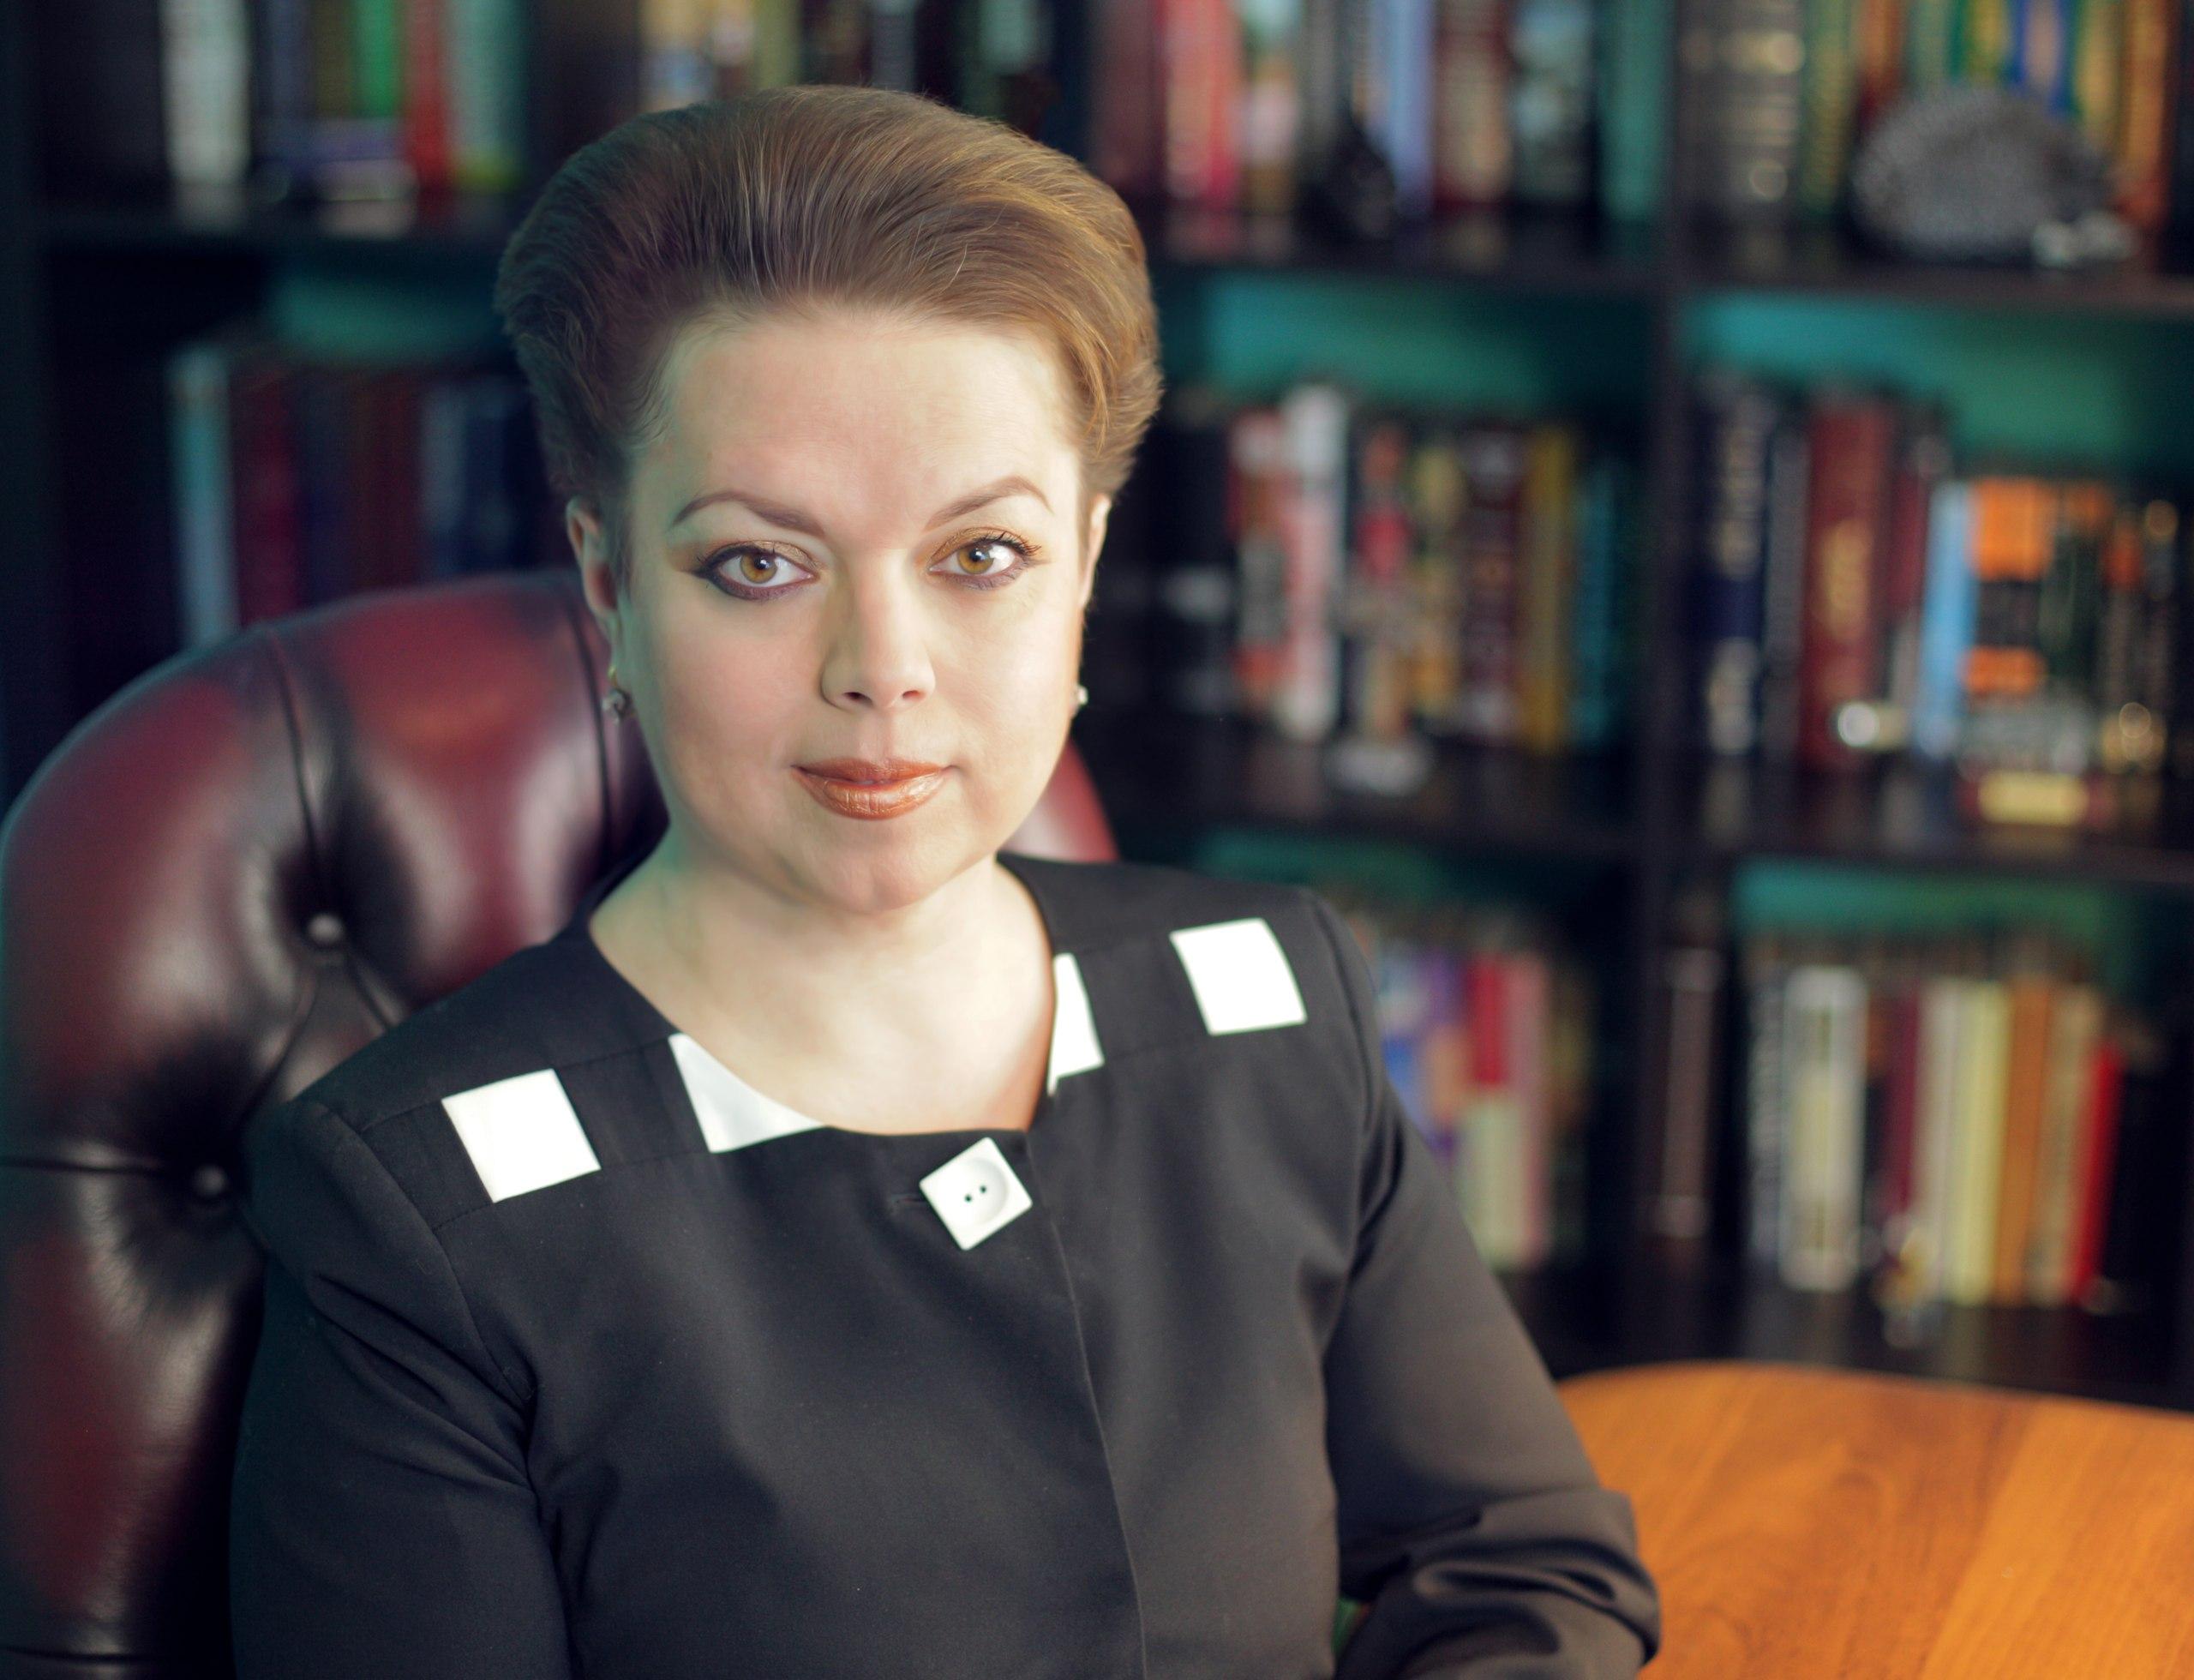 биография анны кирьяновны